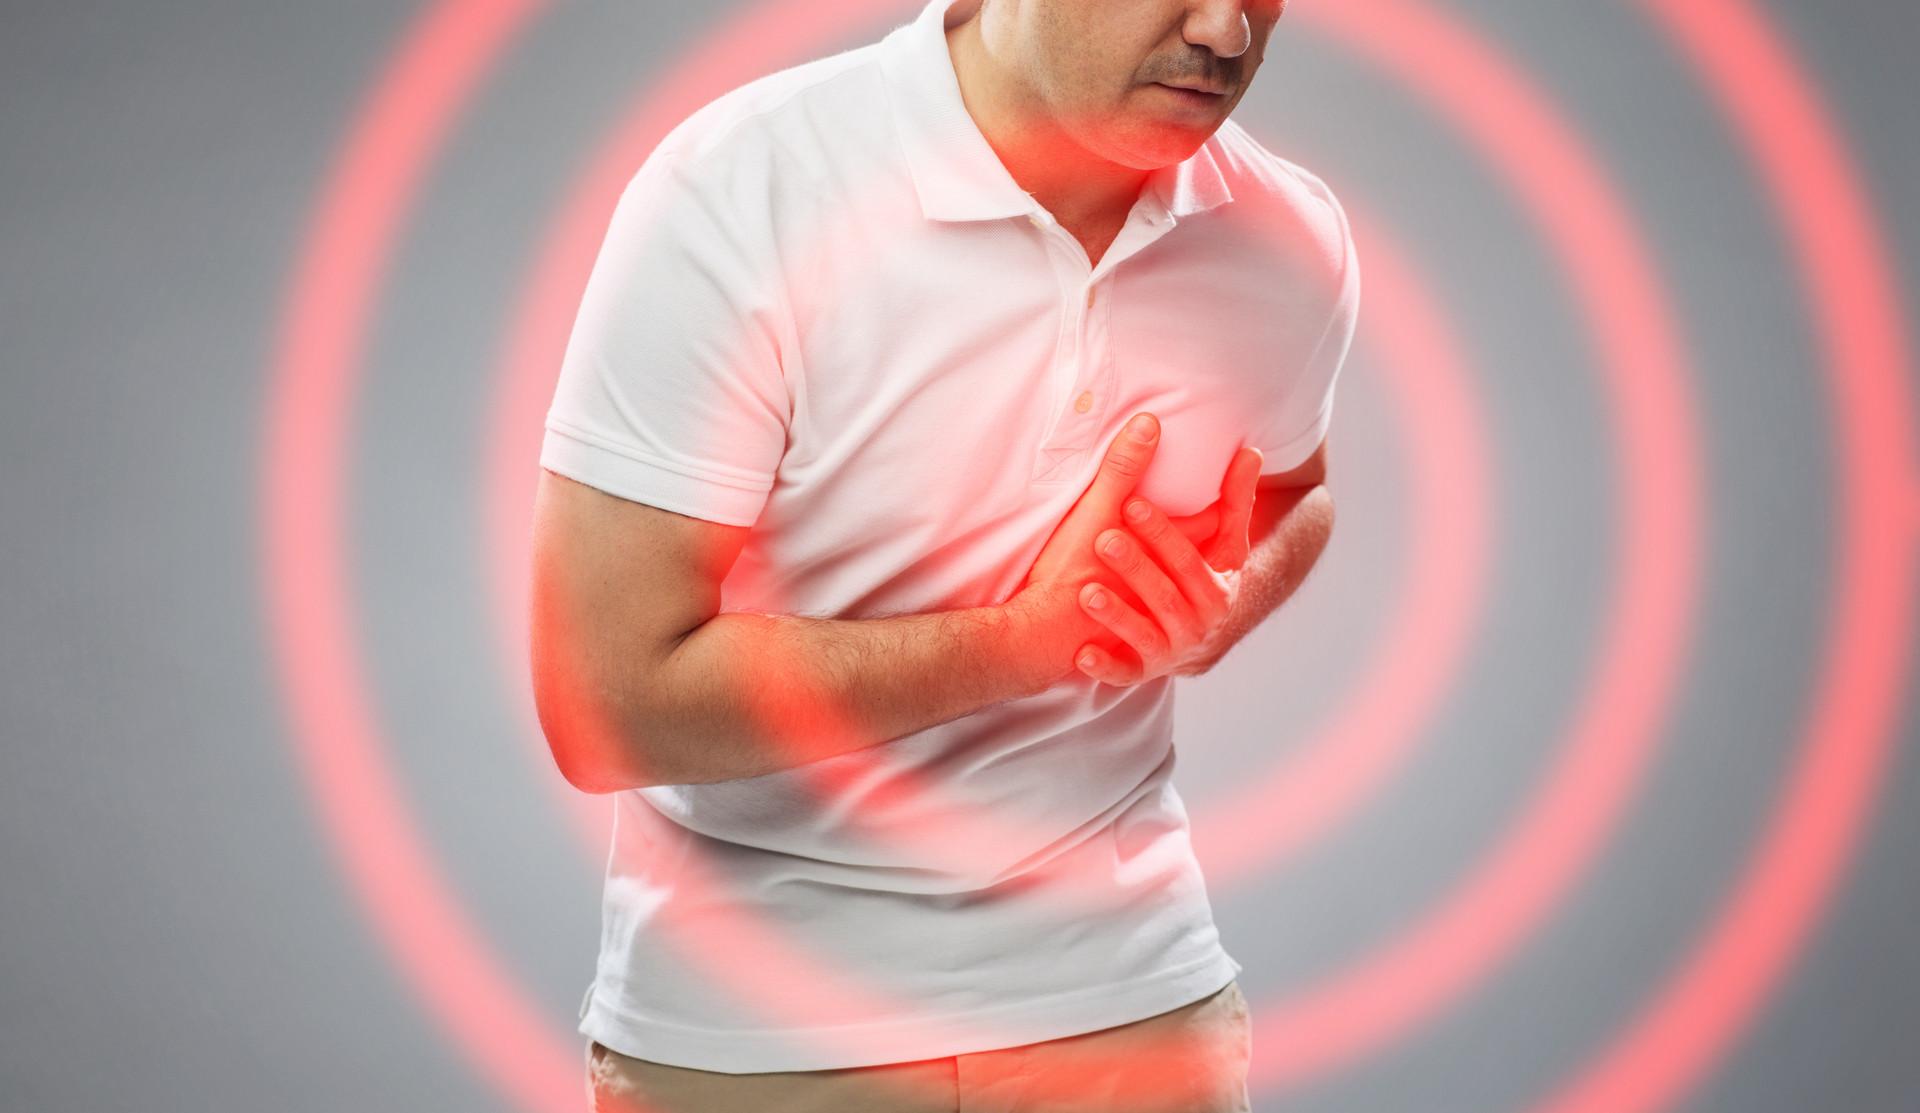 气血弱胸闷气短怎么调理?什么方法能见效?